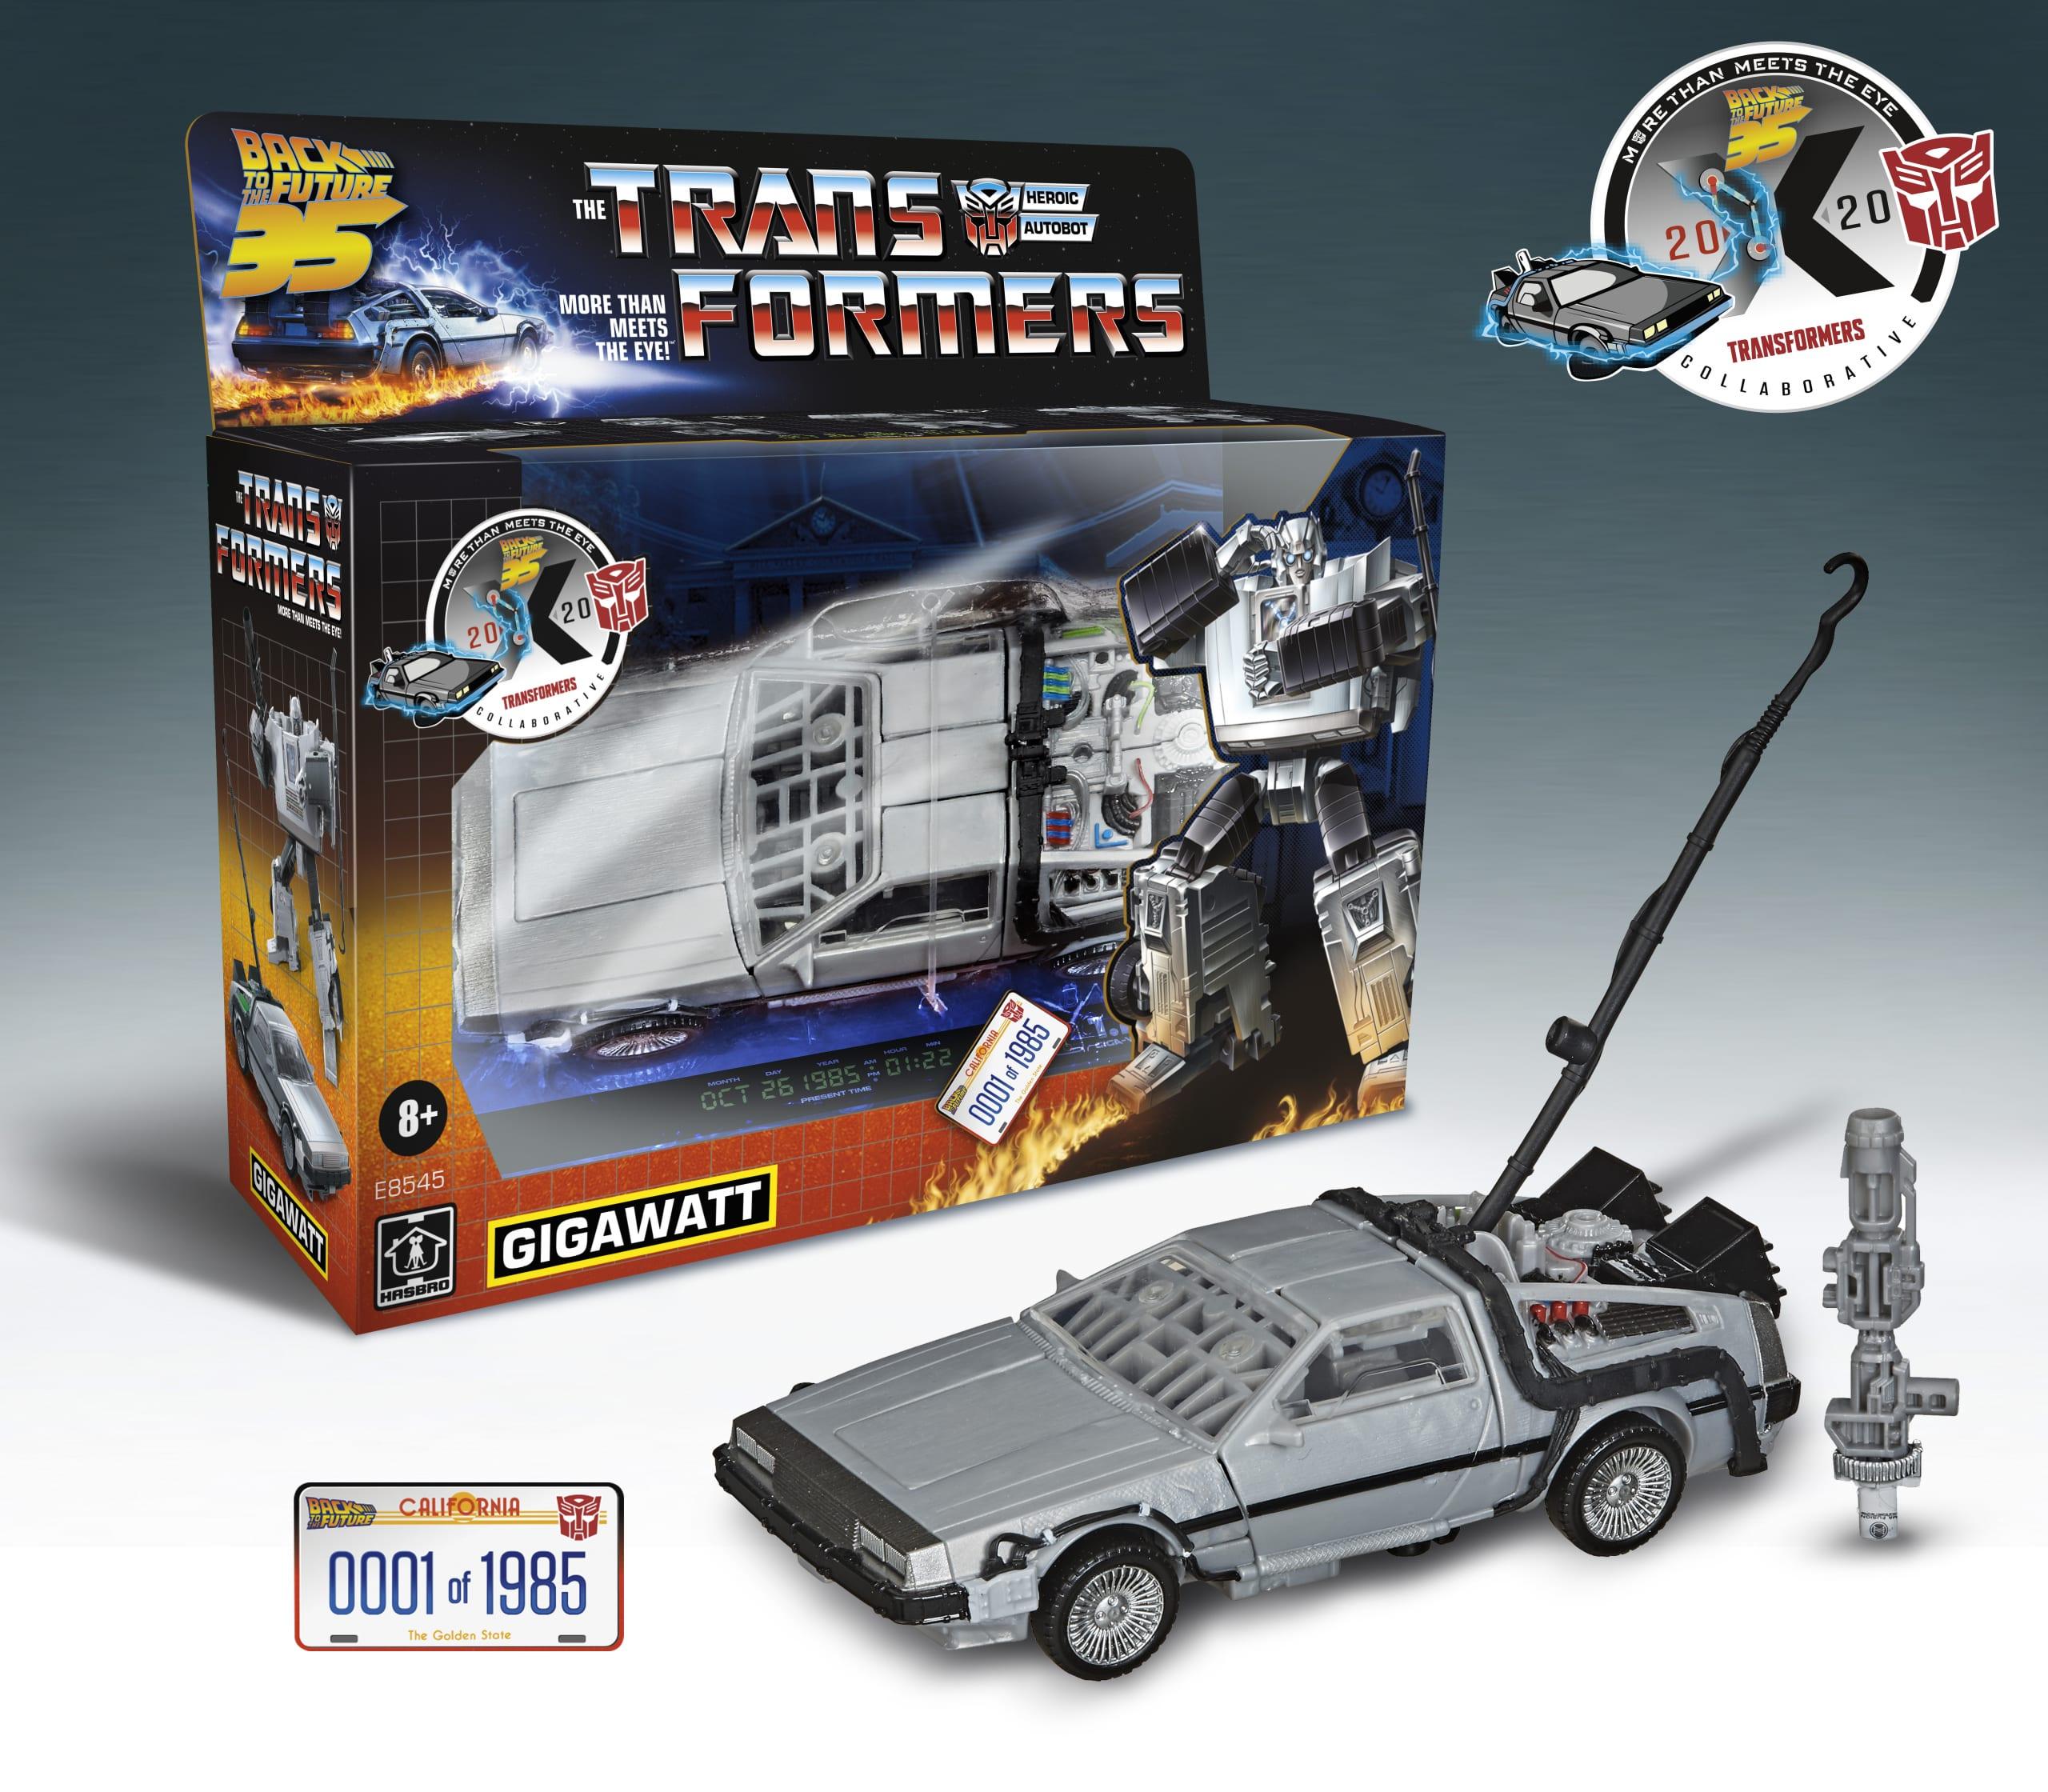 Ritorno al Futuro: ecco il Transformers che si trasforma in Delorean